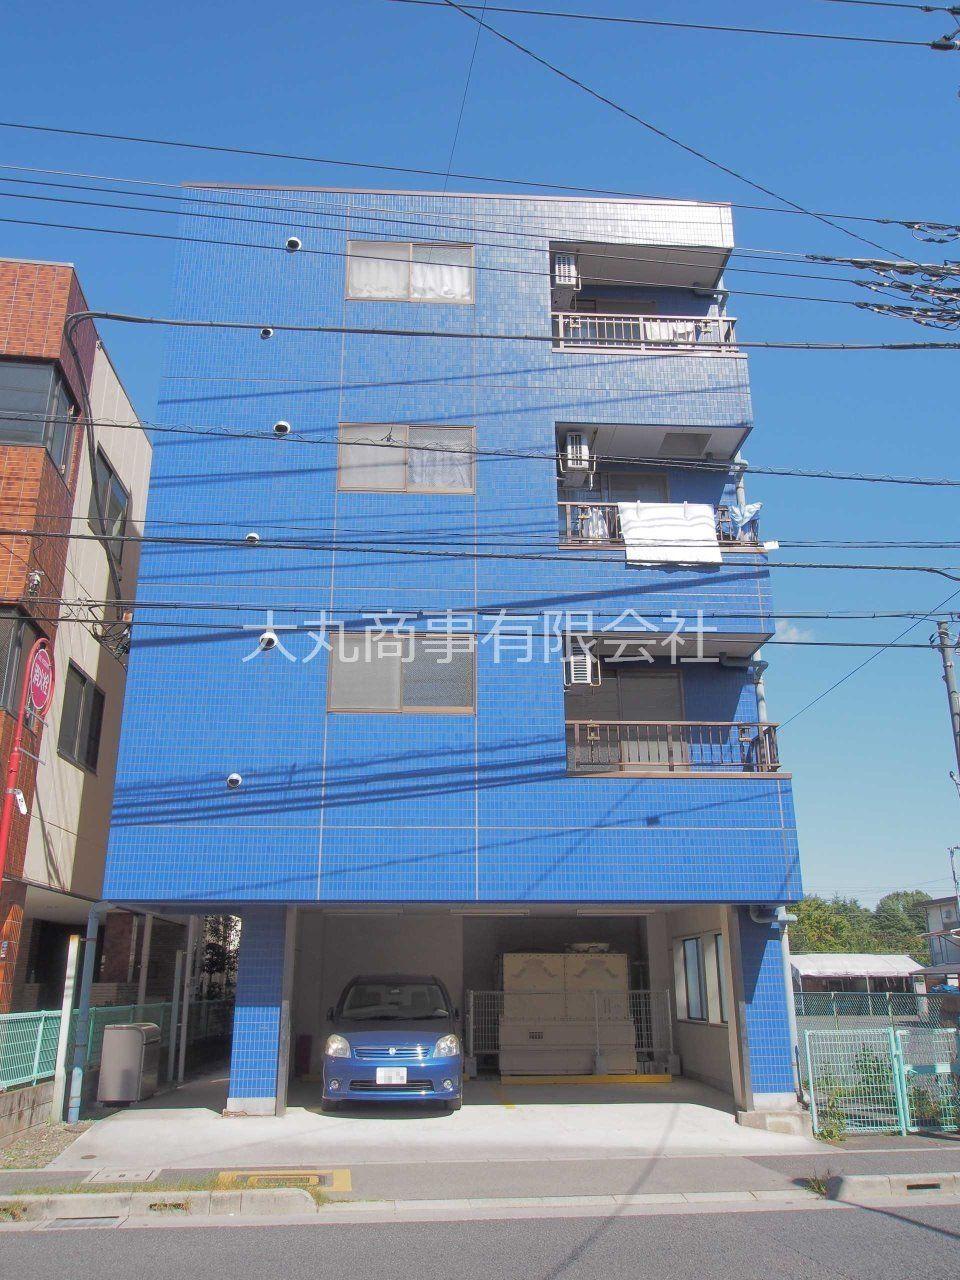 屋根付きの駐車場